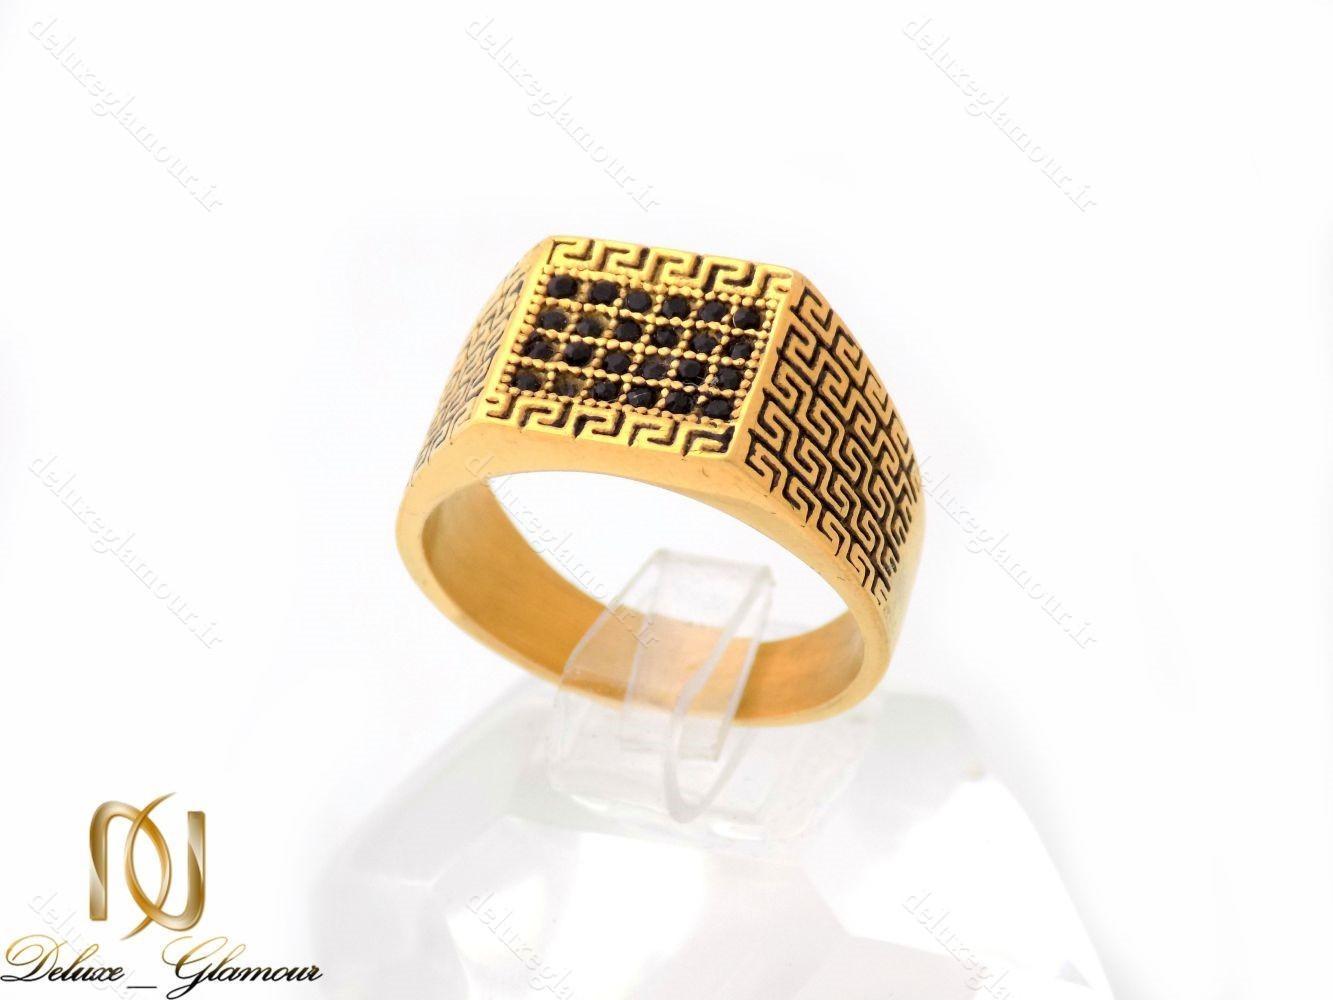 خرید انگشتر مردانه استیل طلایی با نگین های مارکازیت مشکی RG-N226